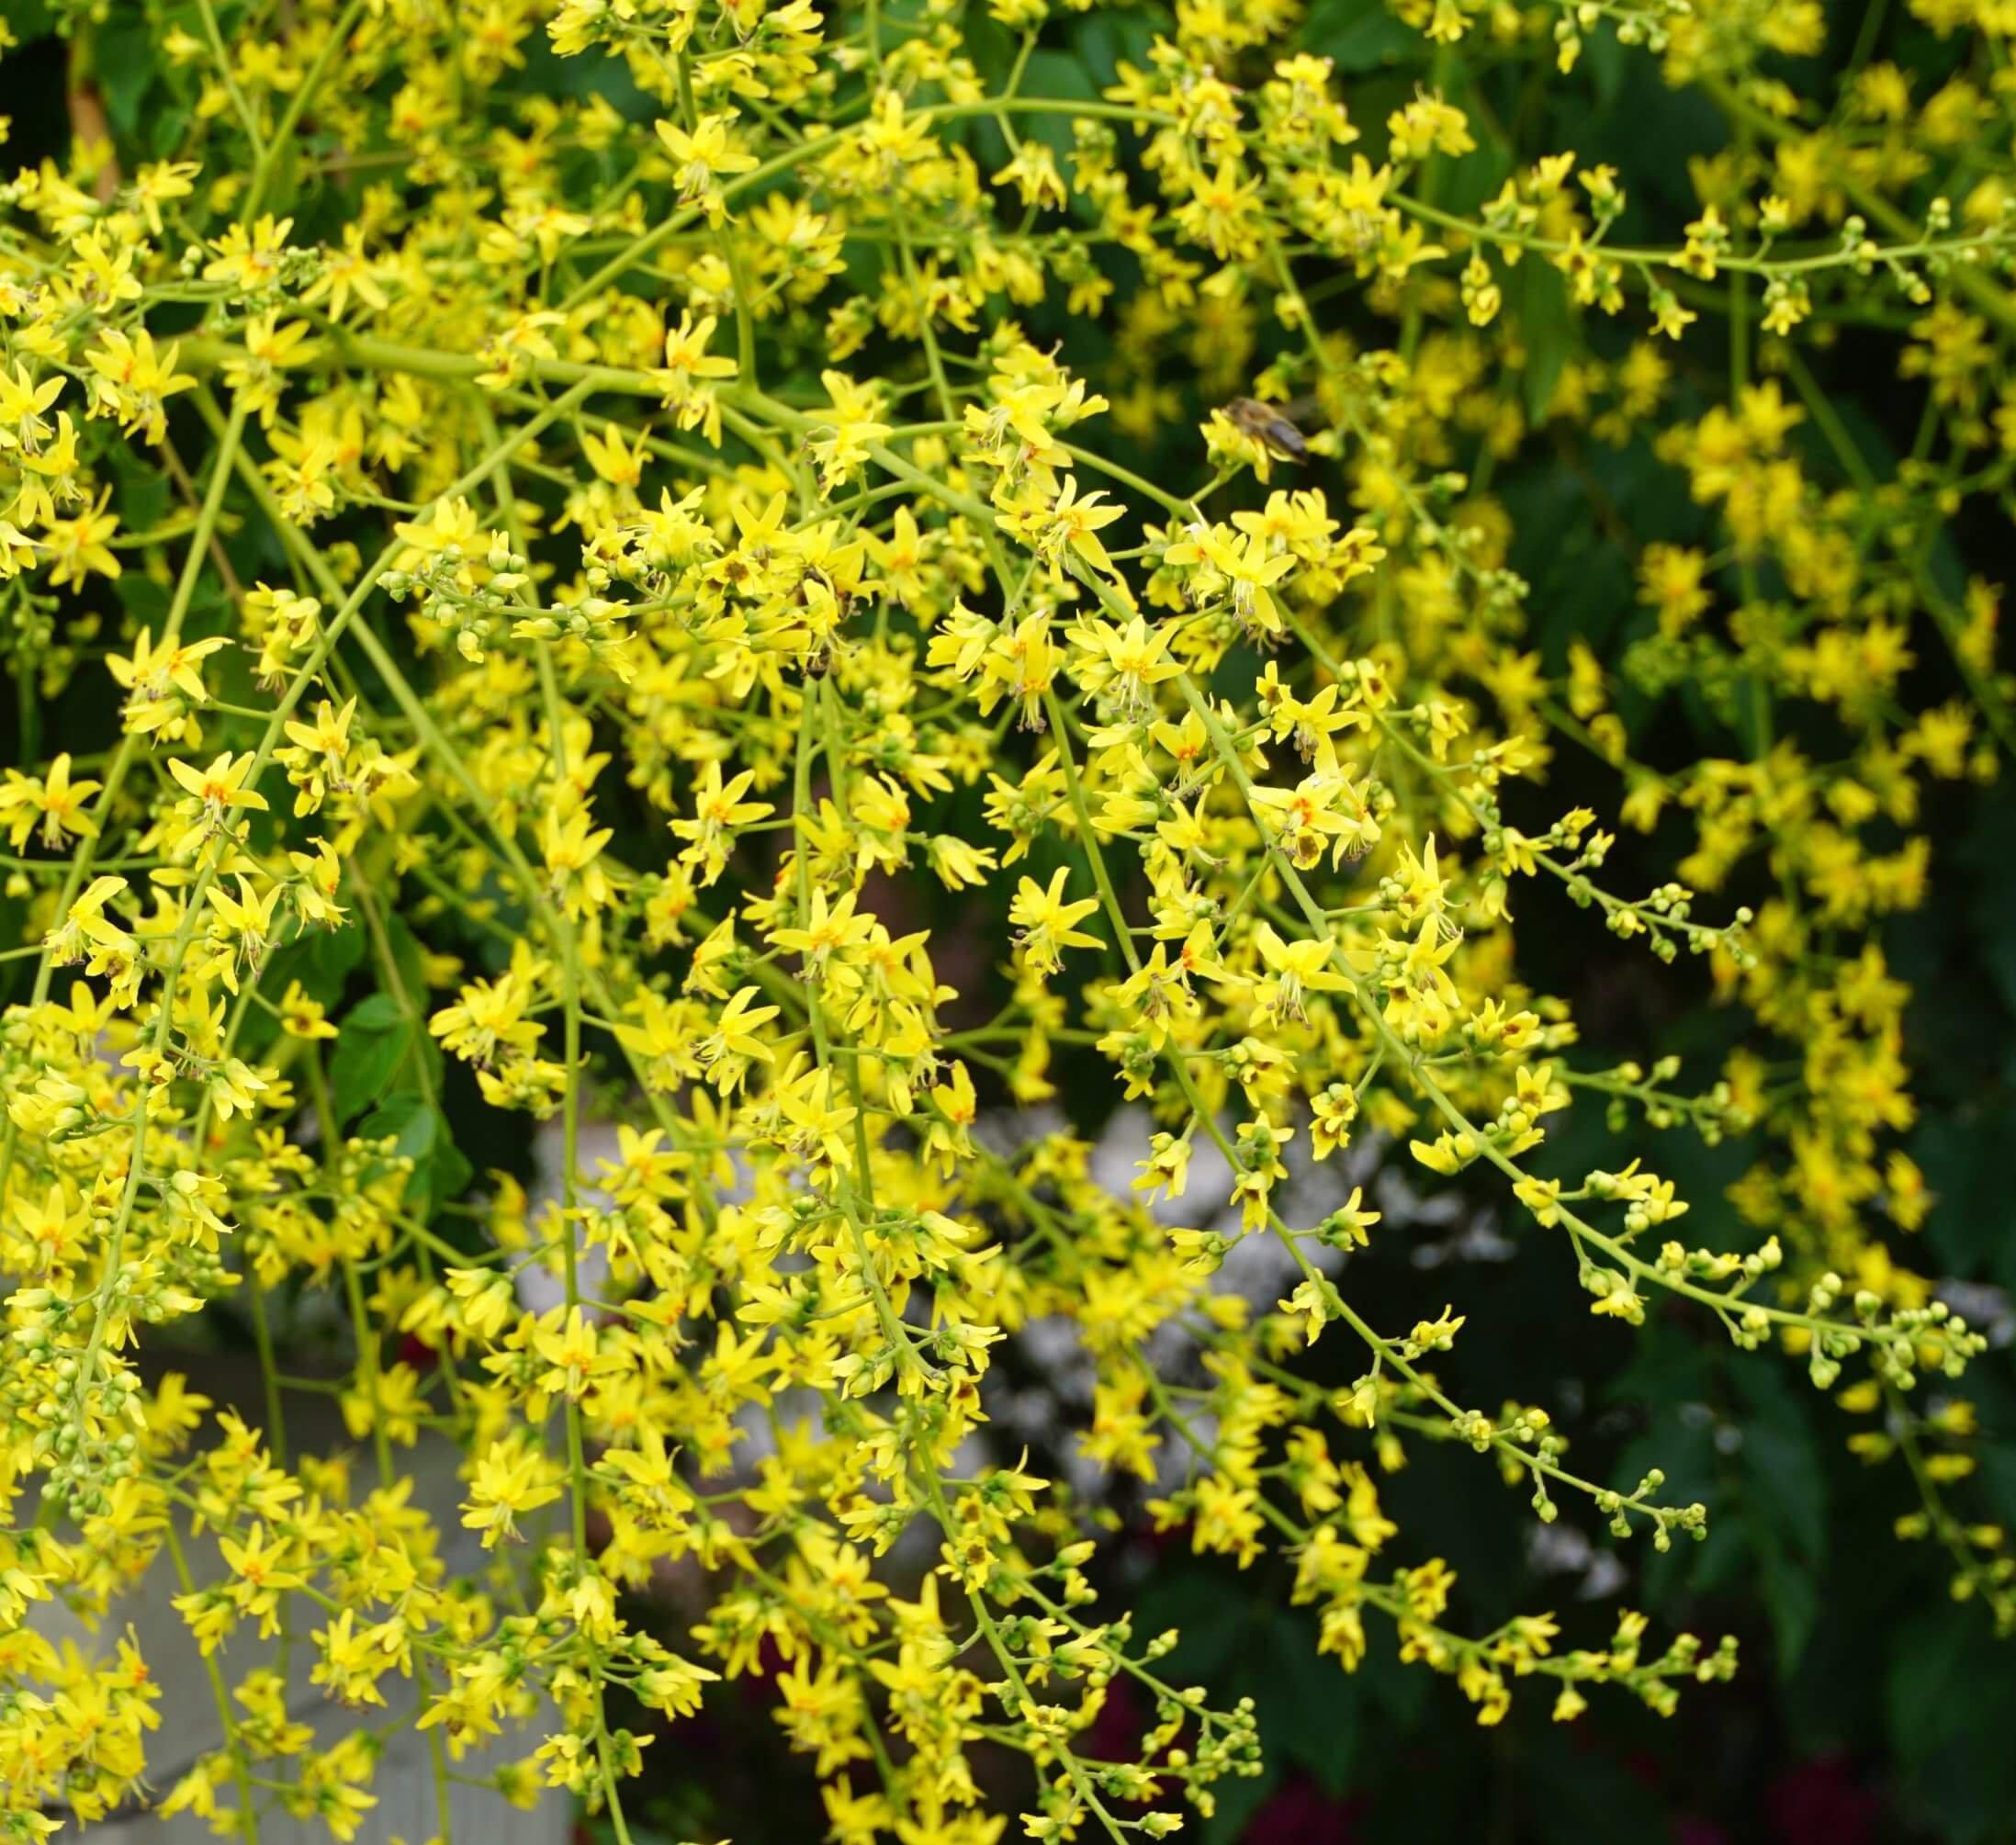 Das Bild zeigt die Einzelblüten der Blasenesche mit ihrer zweiseitigen Symmetrie aus meist vier in einer Kreishälfte abstrahlenden gelben Kronblätter und den gegenüberliegenden acht Staubblättern.